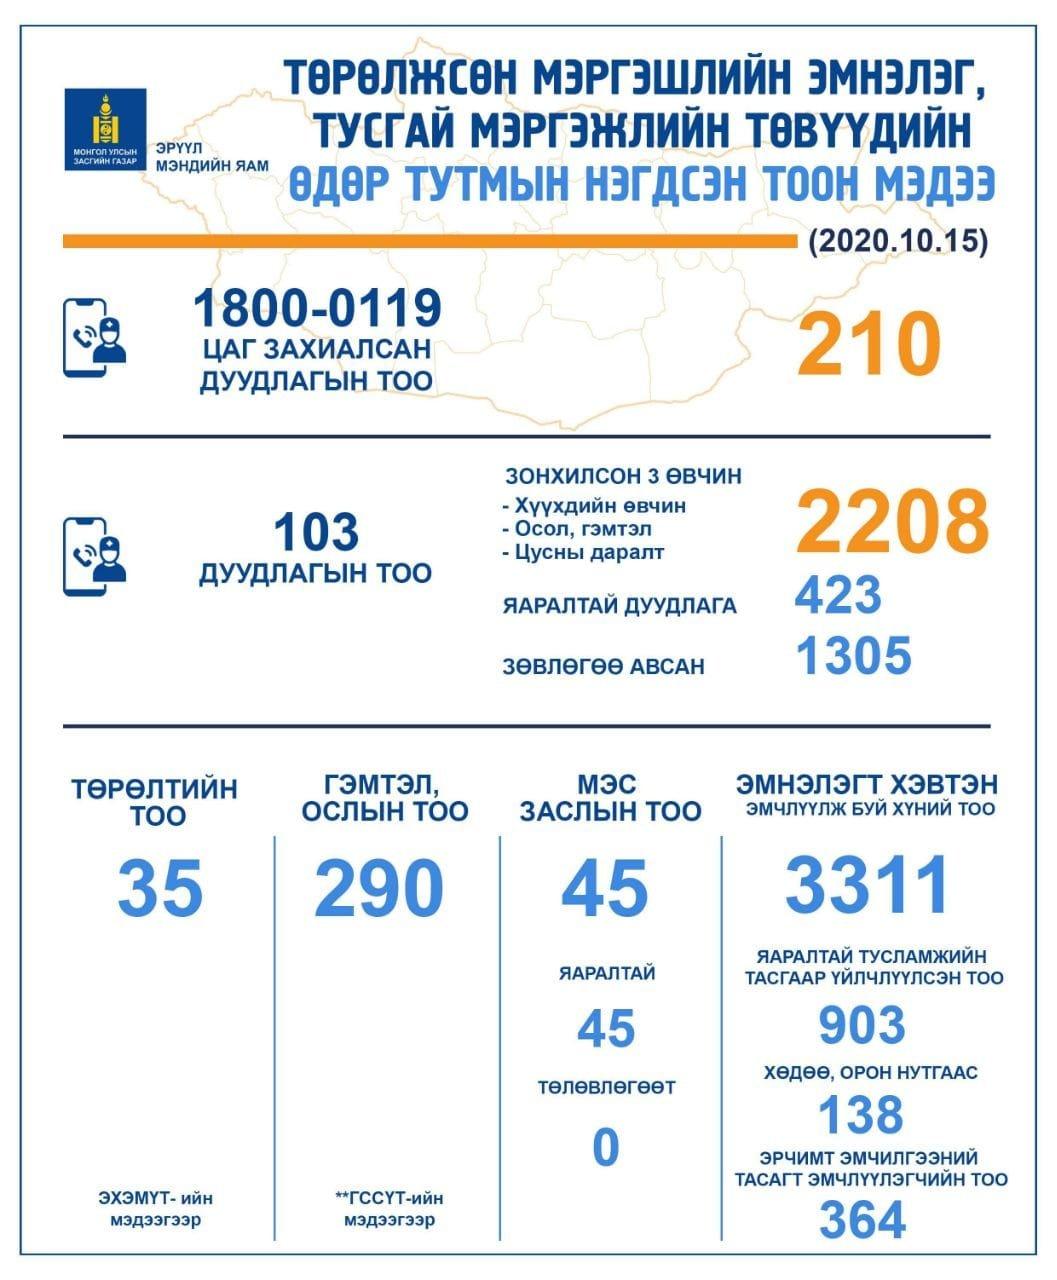 НЭГ ХОНОГТ: 103 дугаарт 2208 дуудлага ирснээс 423 нь яаралтай эмнэлгийн тусламж үйлчилгээ авчээ